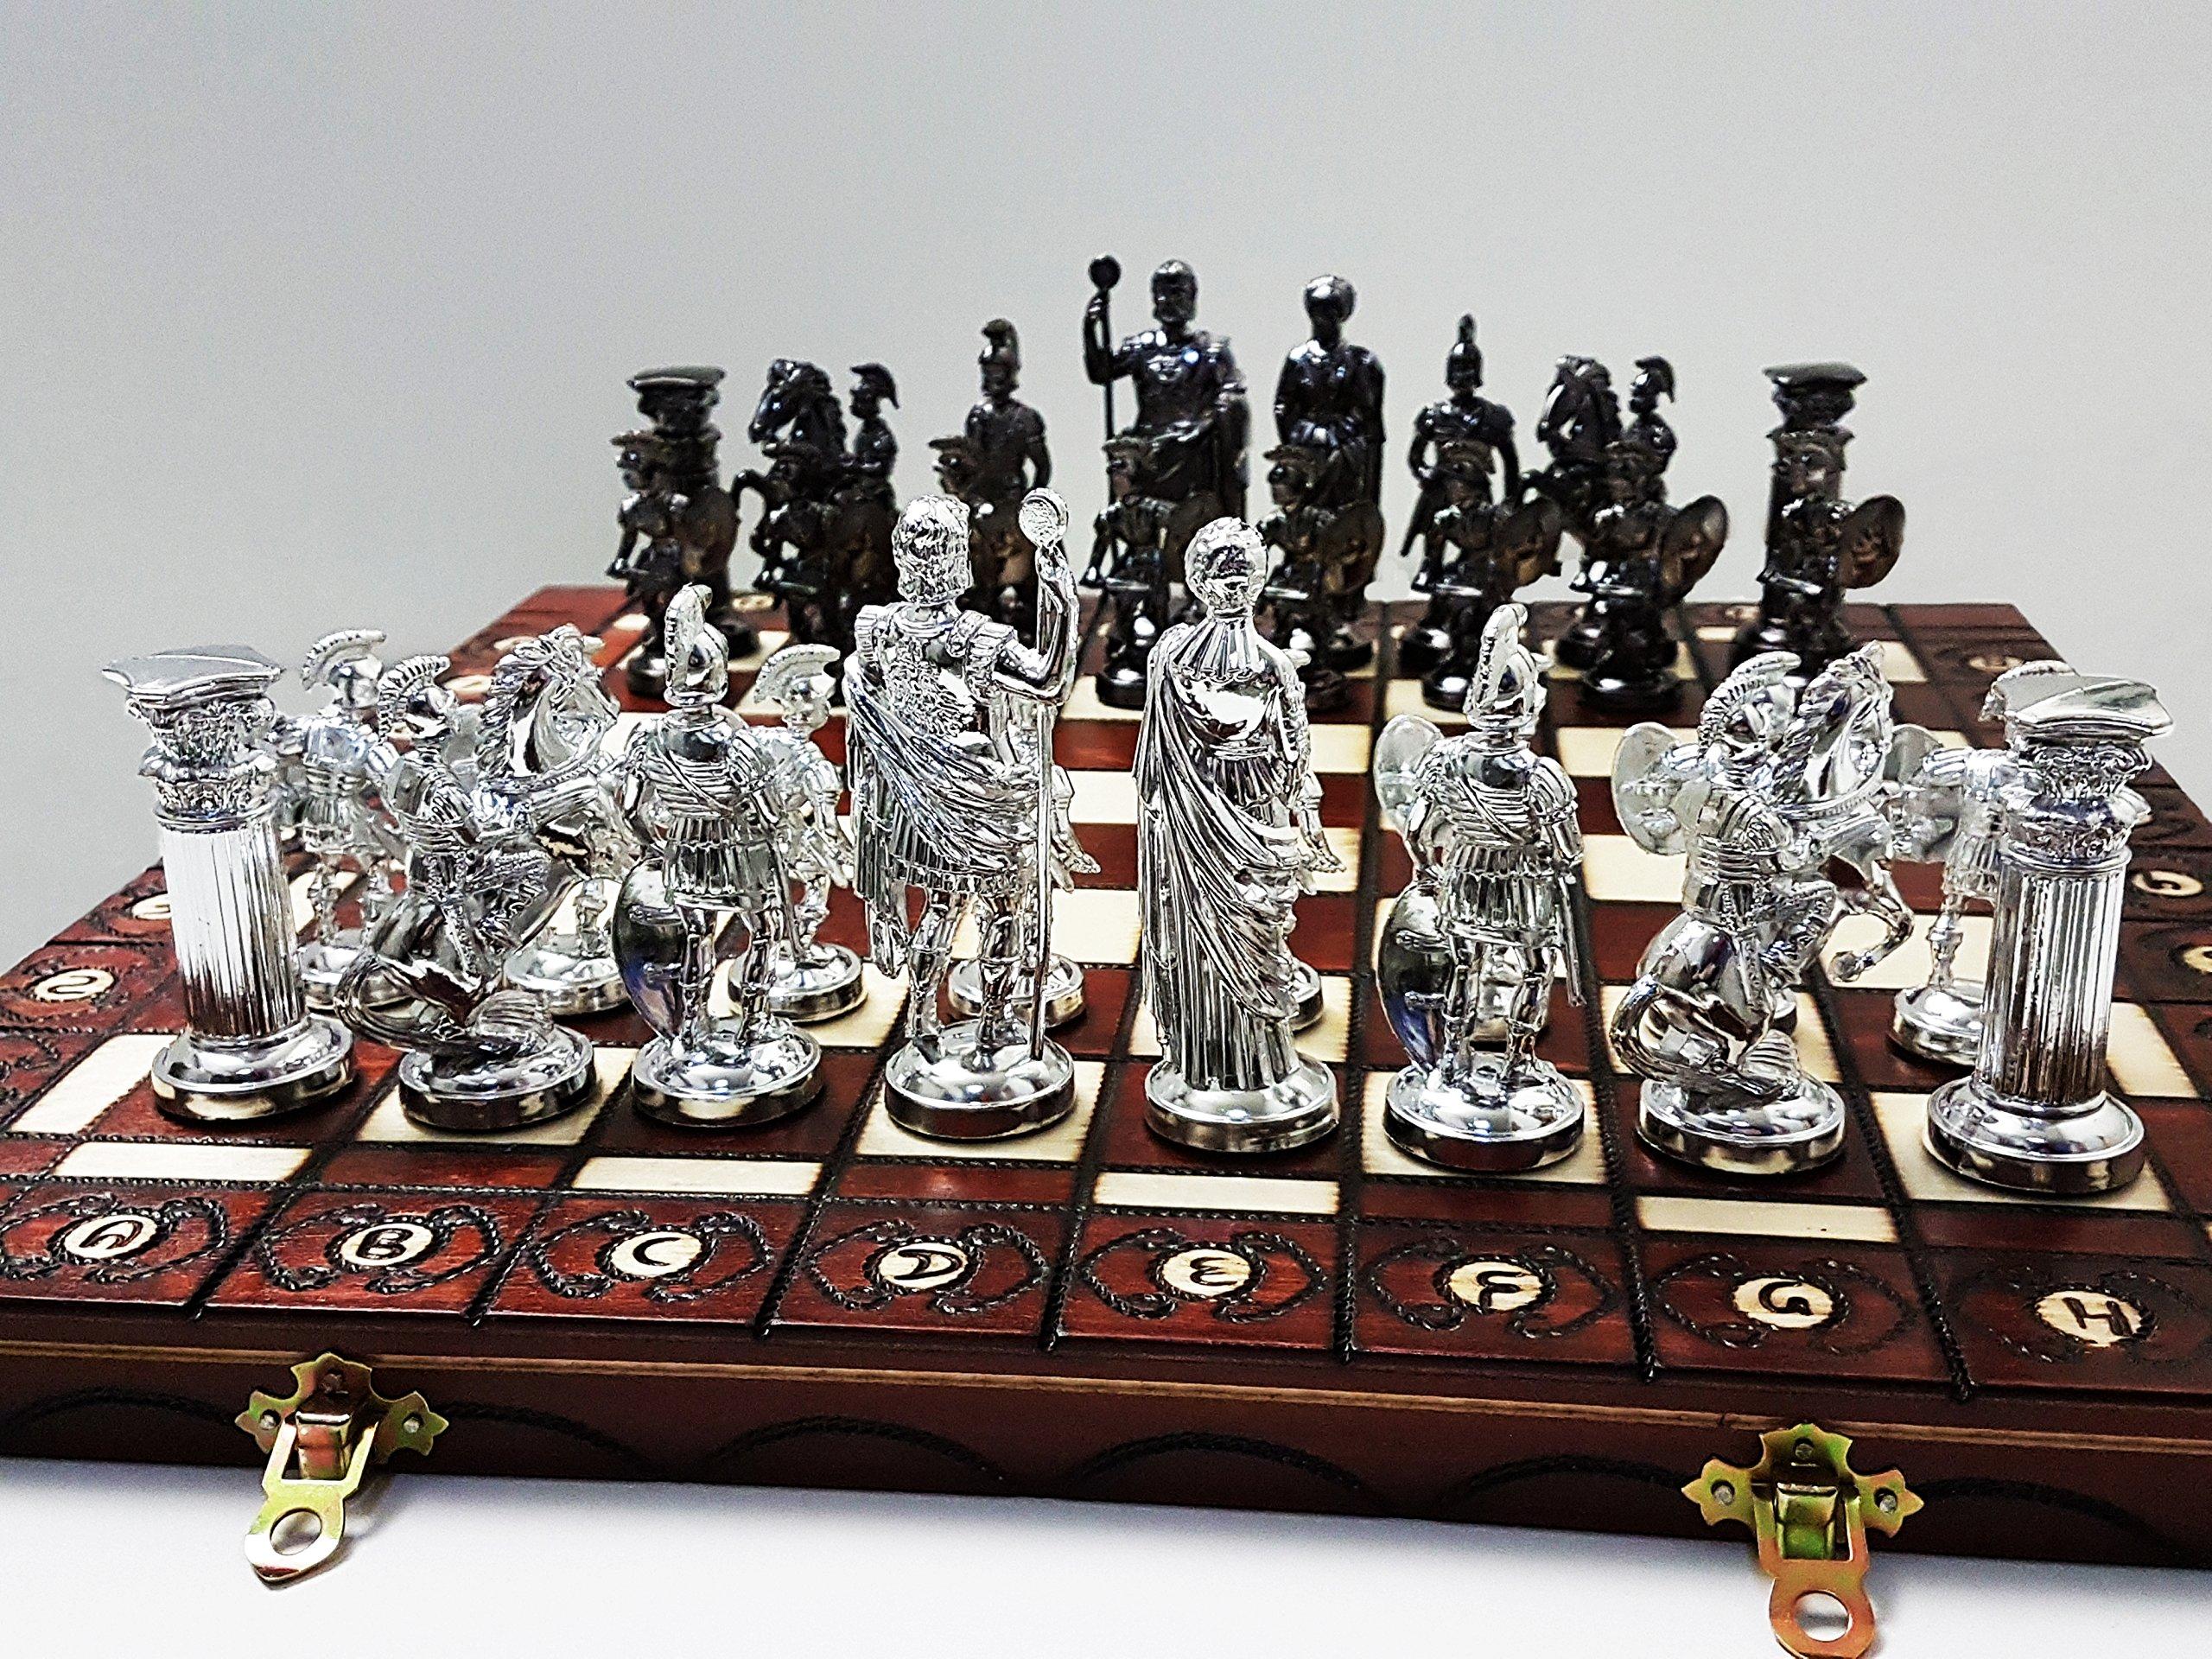 SPARTAN-SILVER-groe-40cm157-In-knstlerischen-Chrome-Schachspiel